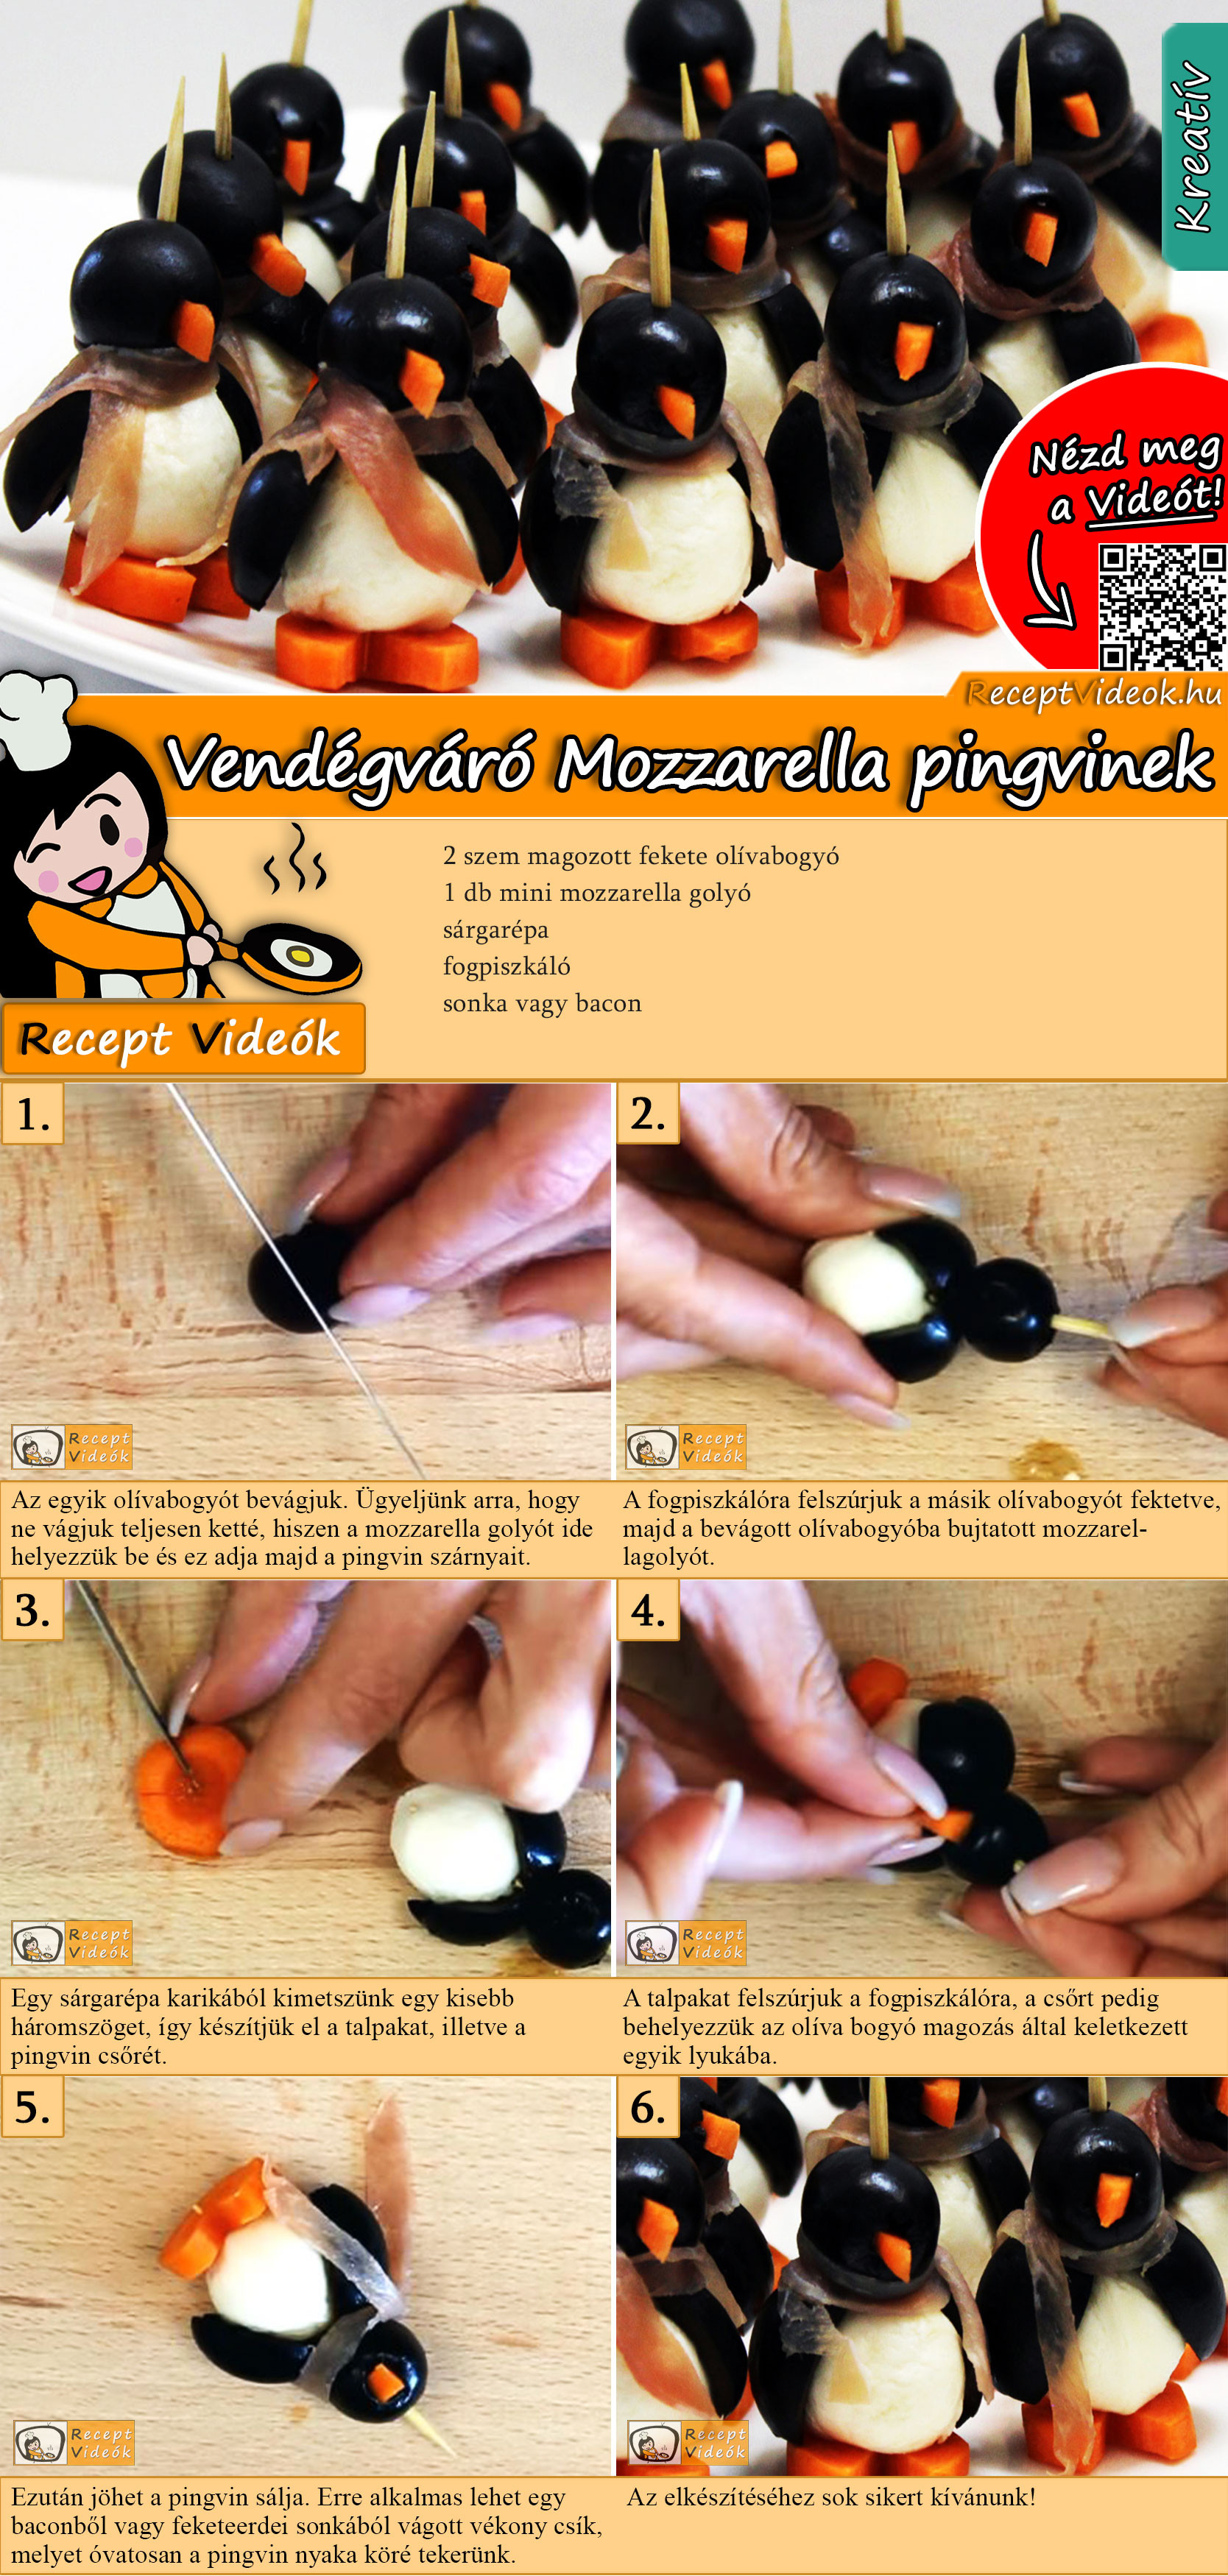 Vendégváró Mozzarella pingvinek recept elkészítése videóval